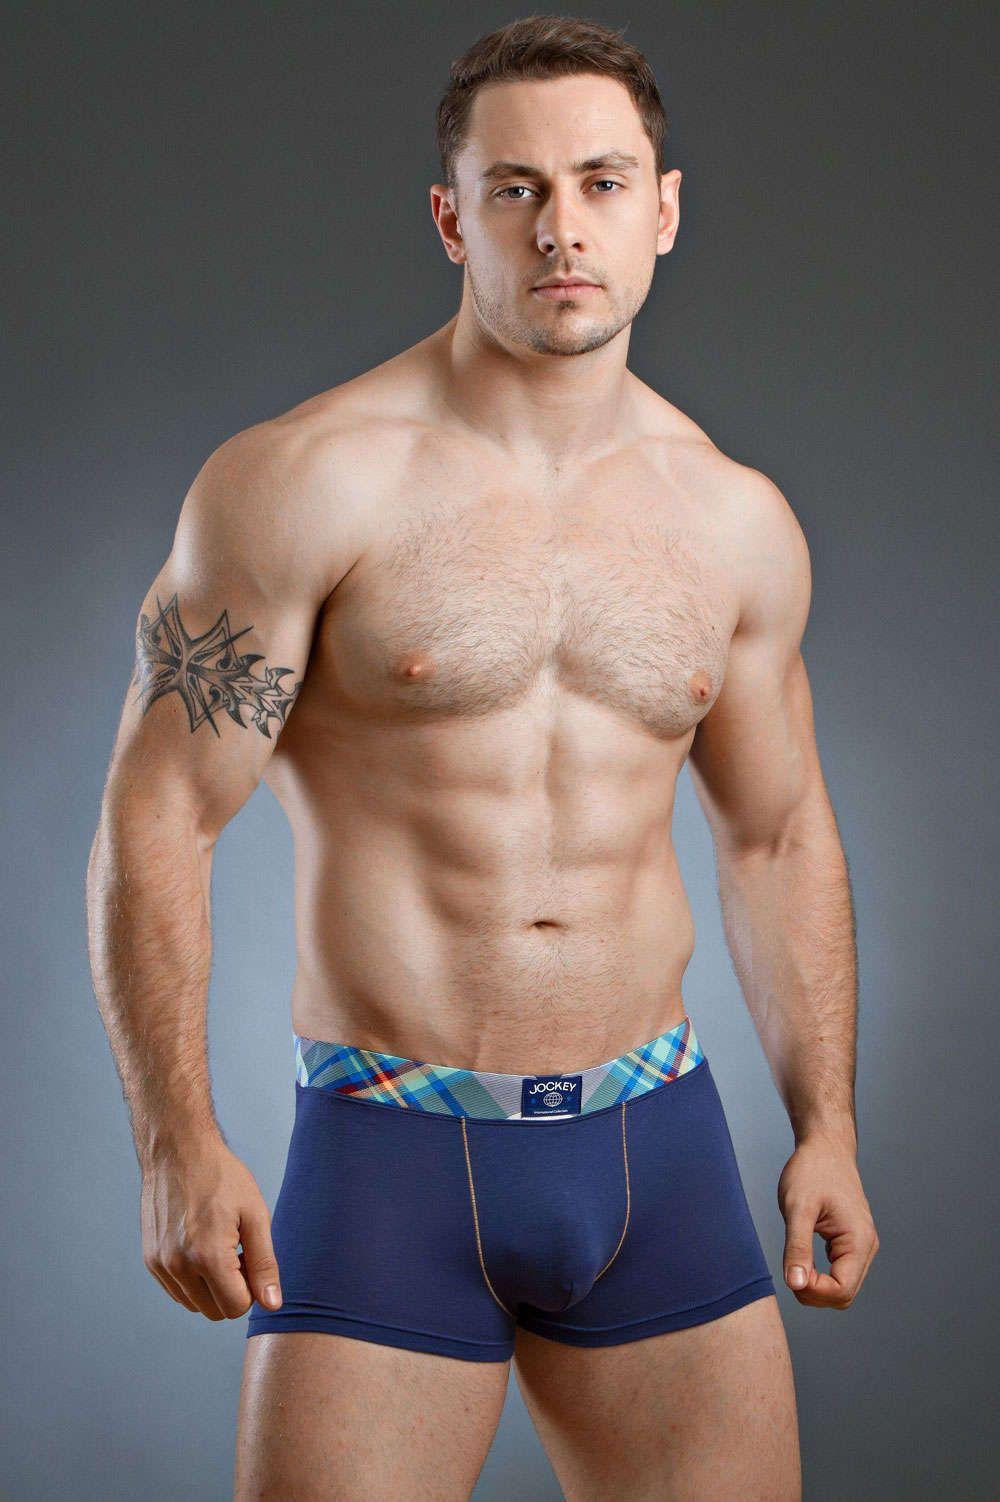 Emo boy underwear